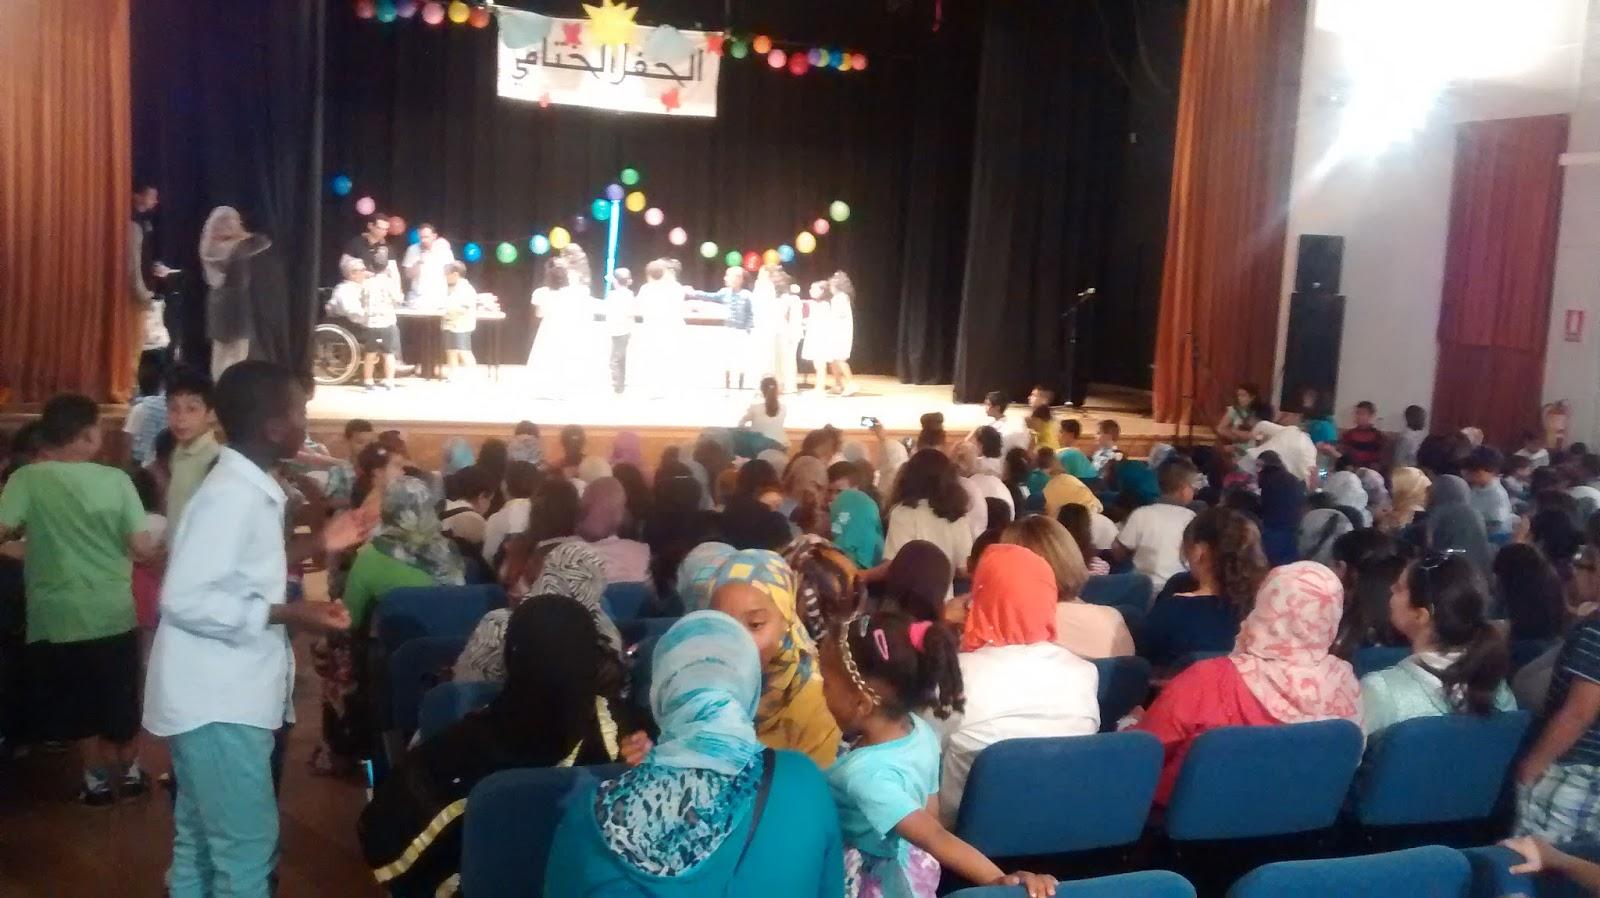 Fiesta de fin de curso de la Escuela árabe islámica de Abul Kasim de Zaragoza-2014-15